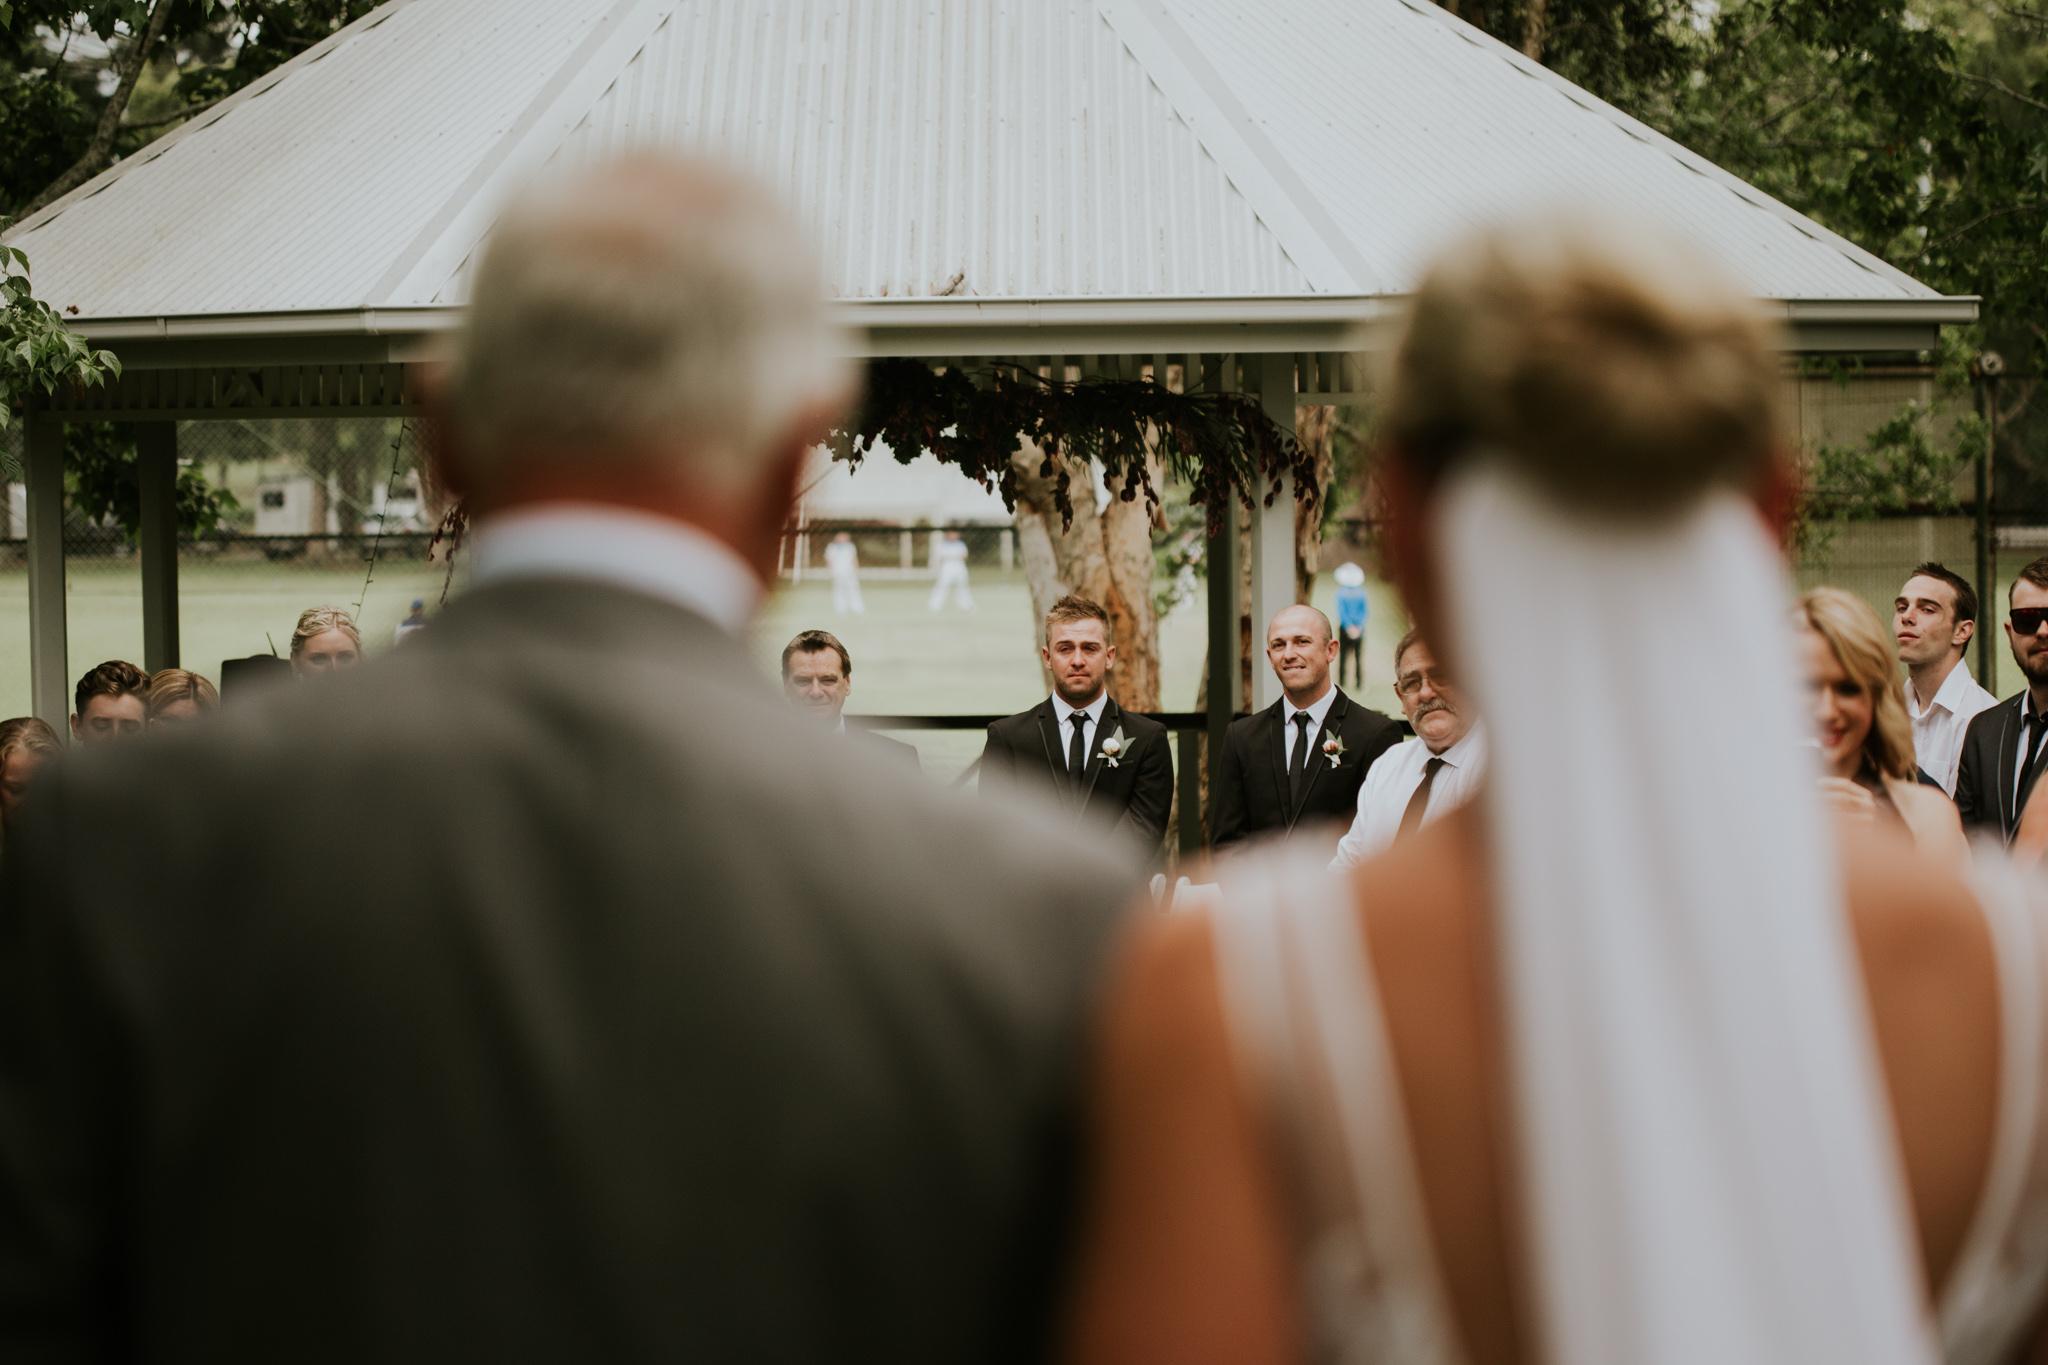 Lucy+Kyle+Kiama+Sebel+wedding-61.jpg